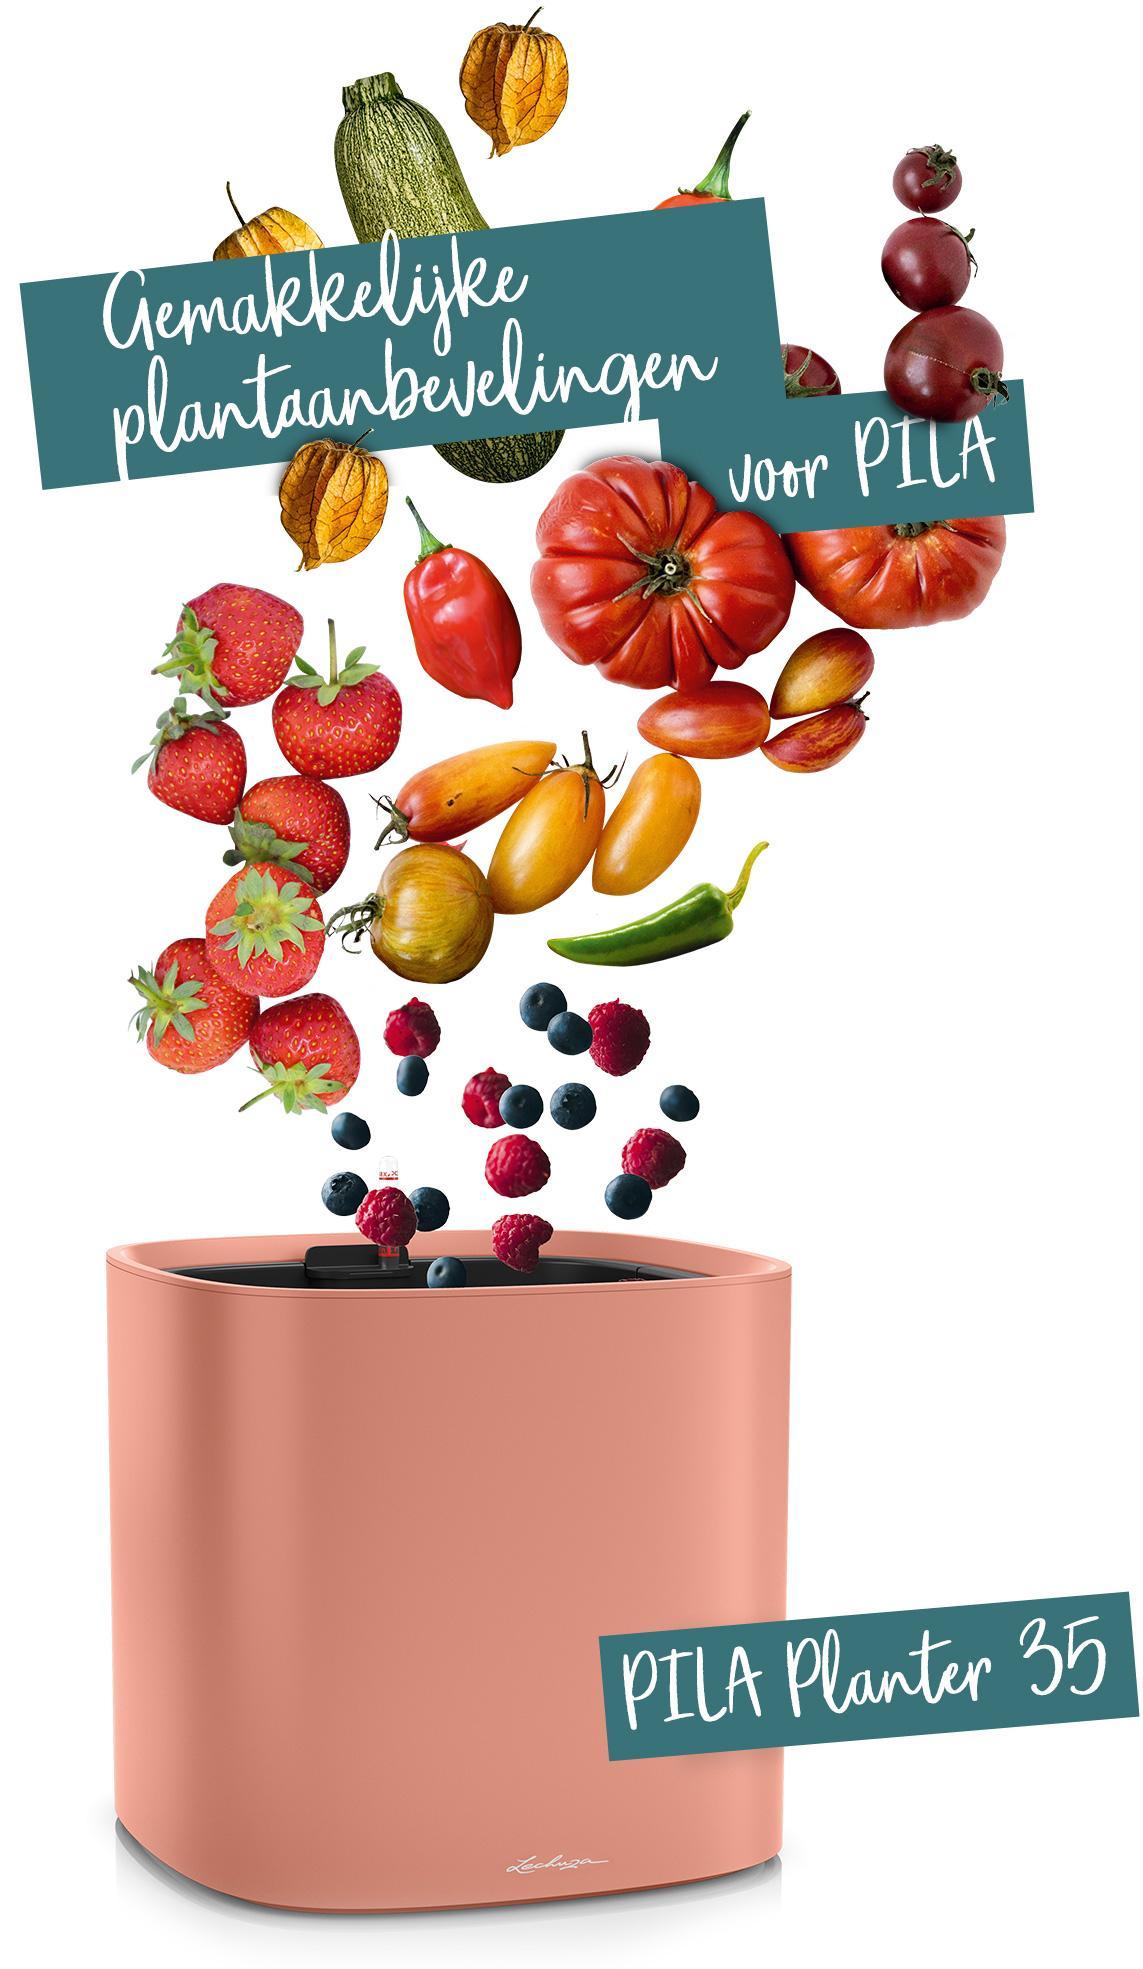 PILA Planter 35 aanbevolen voor groenten en fruit